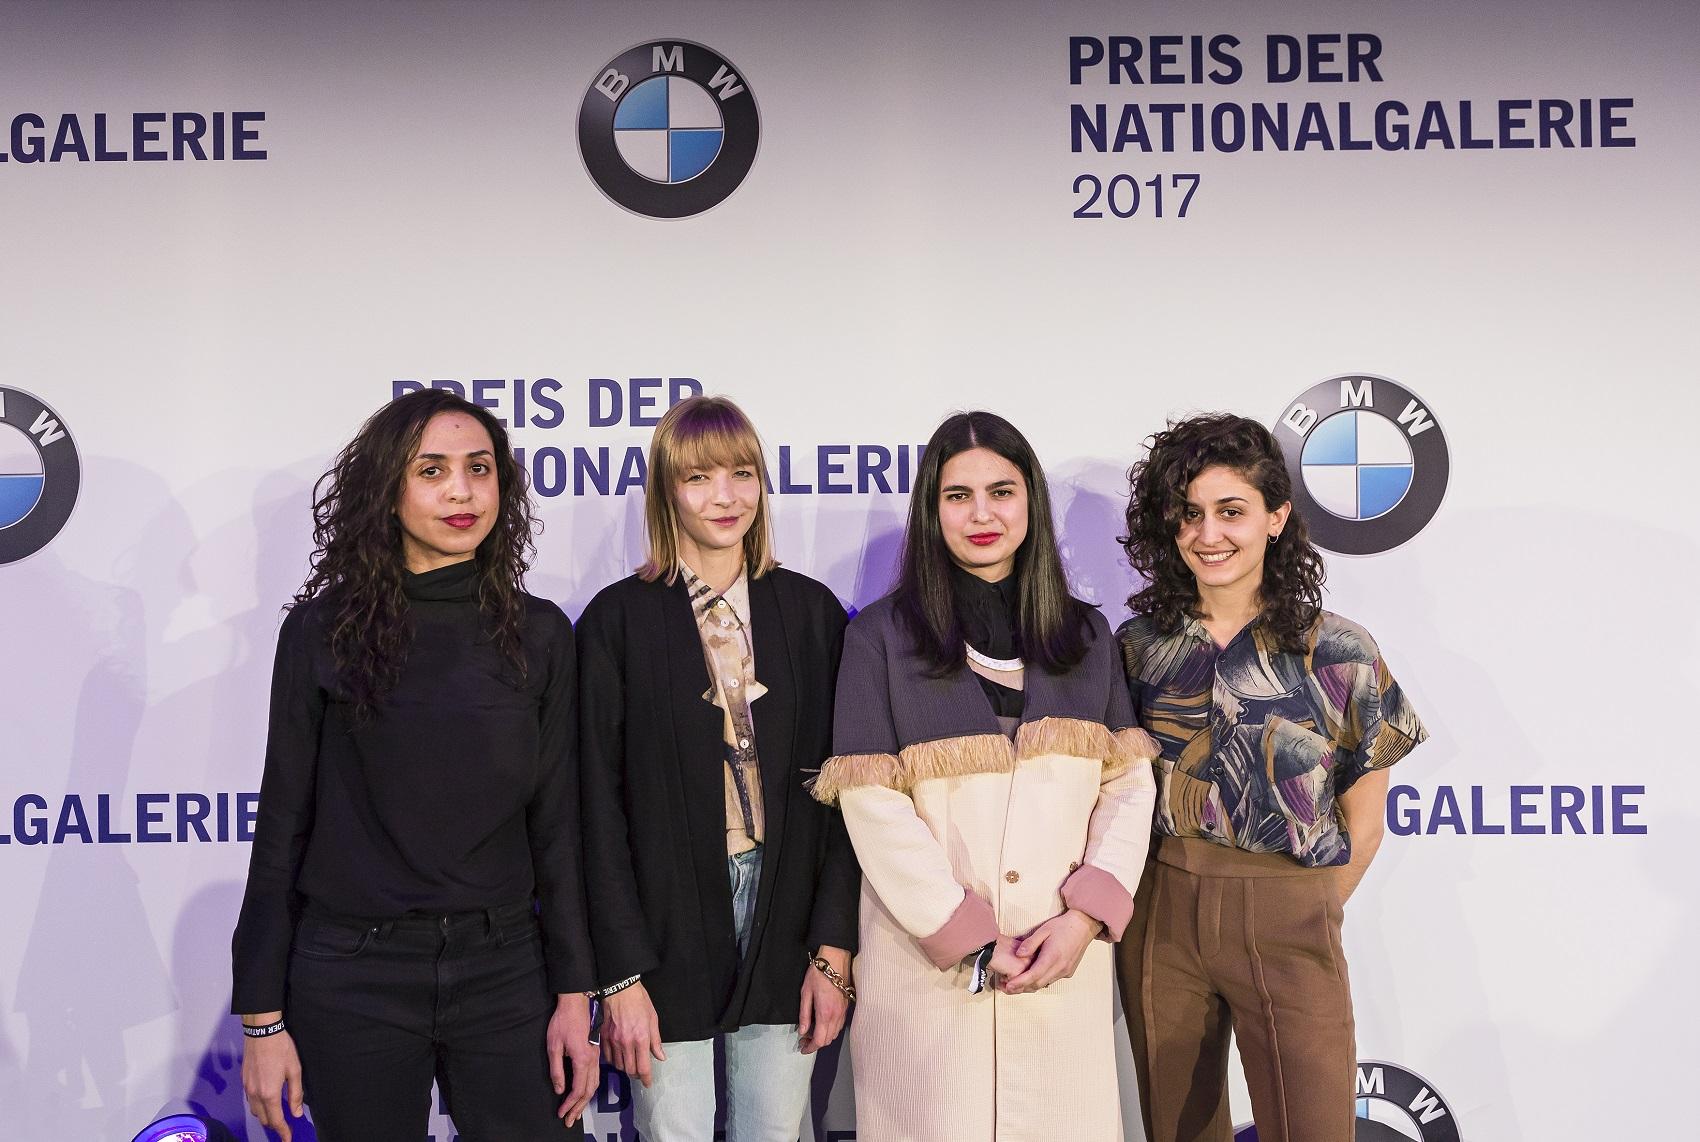 Shortlist Preis der Nationalgalerie - Iman Issa (nominated artist), Agnieszka Polska (nominated artist), Sol Calero (nominated artist), Jumana Manna (nominated artist) (f.l.t.r.) (03_2017)David von Becker